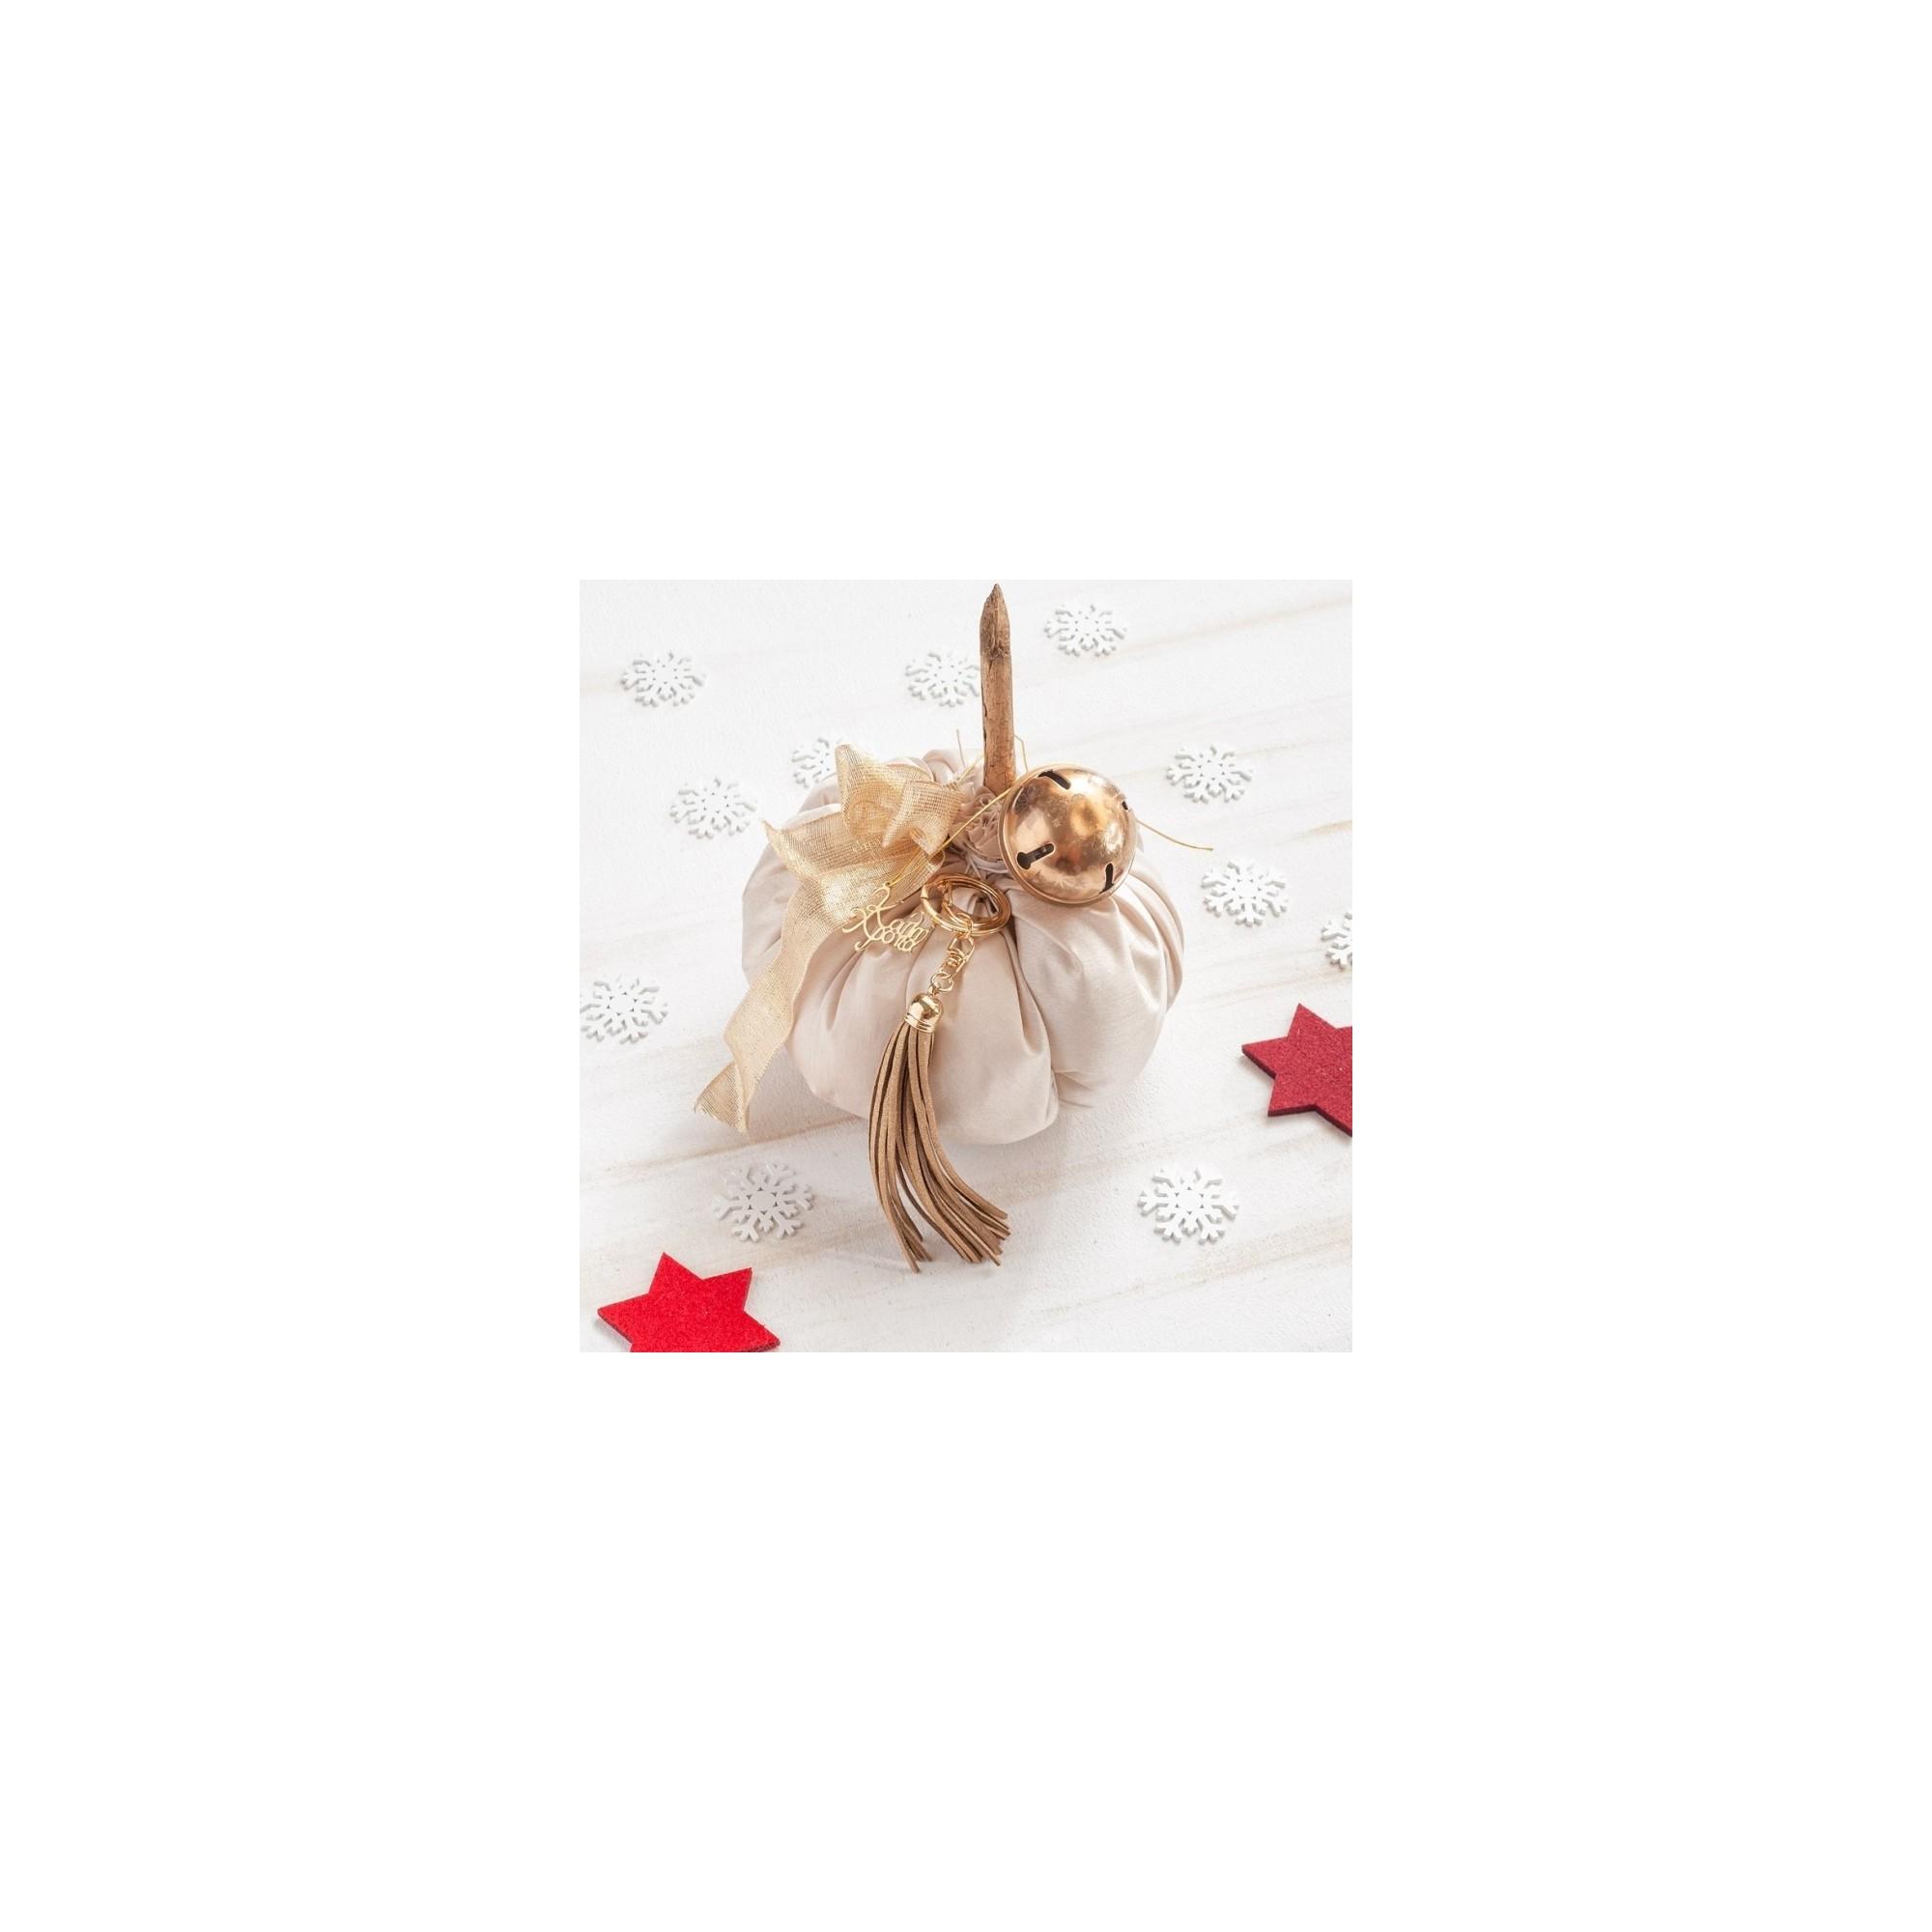 Χριστουγεννιάτικη Διακοσμητική κολοκύθα - PAR-14805